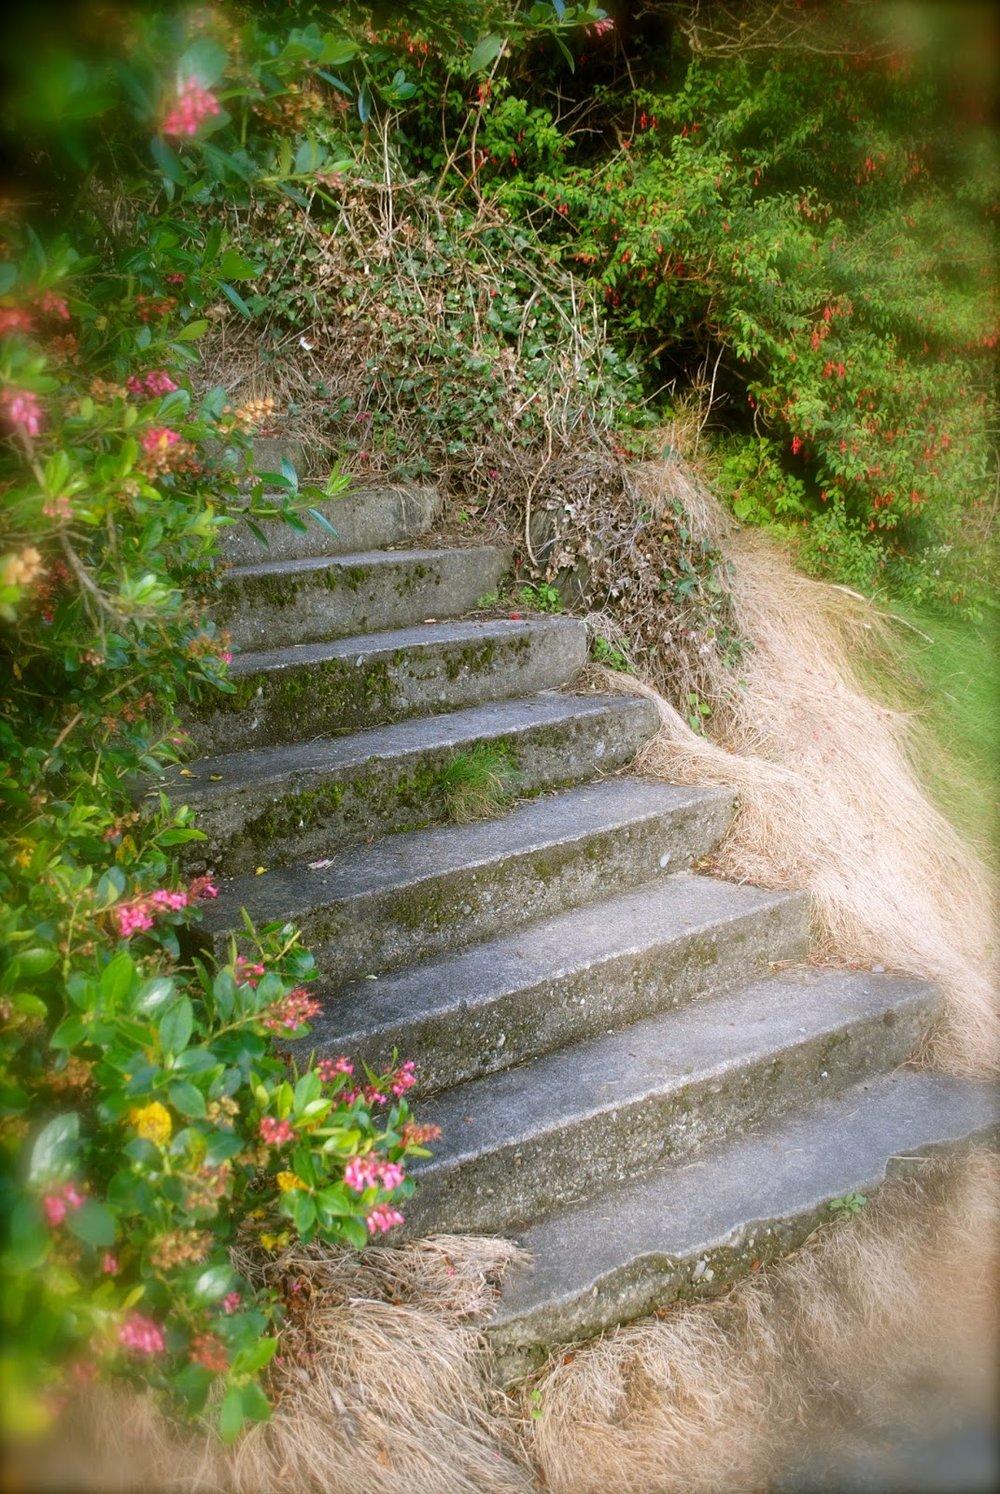 april-danan-A little-climb.jpg